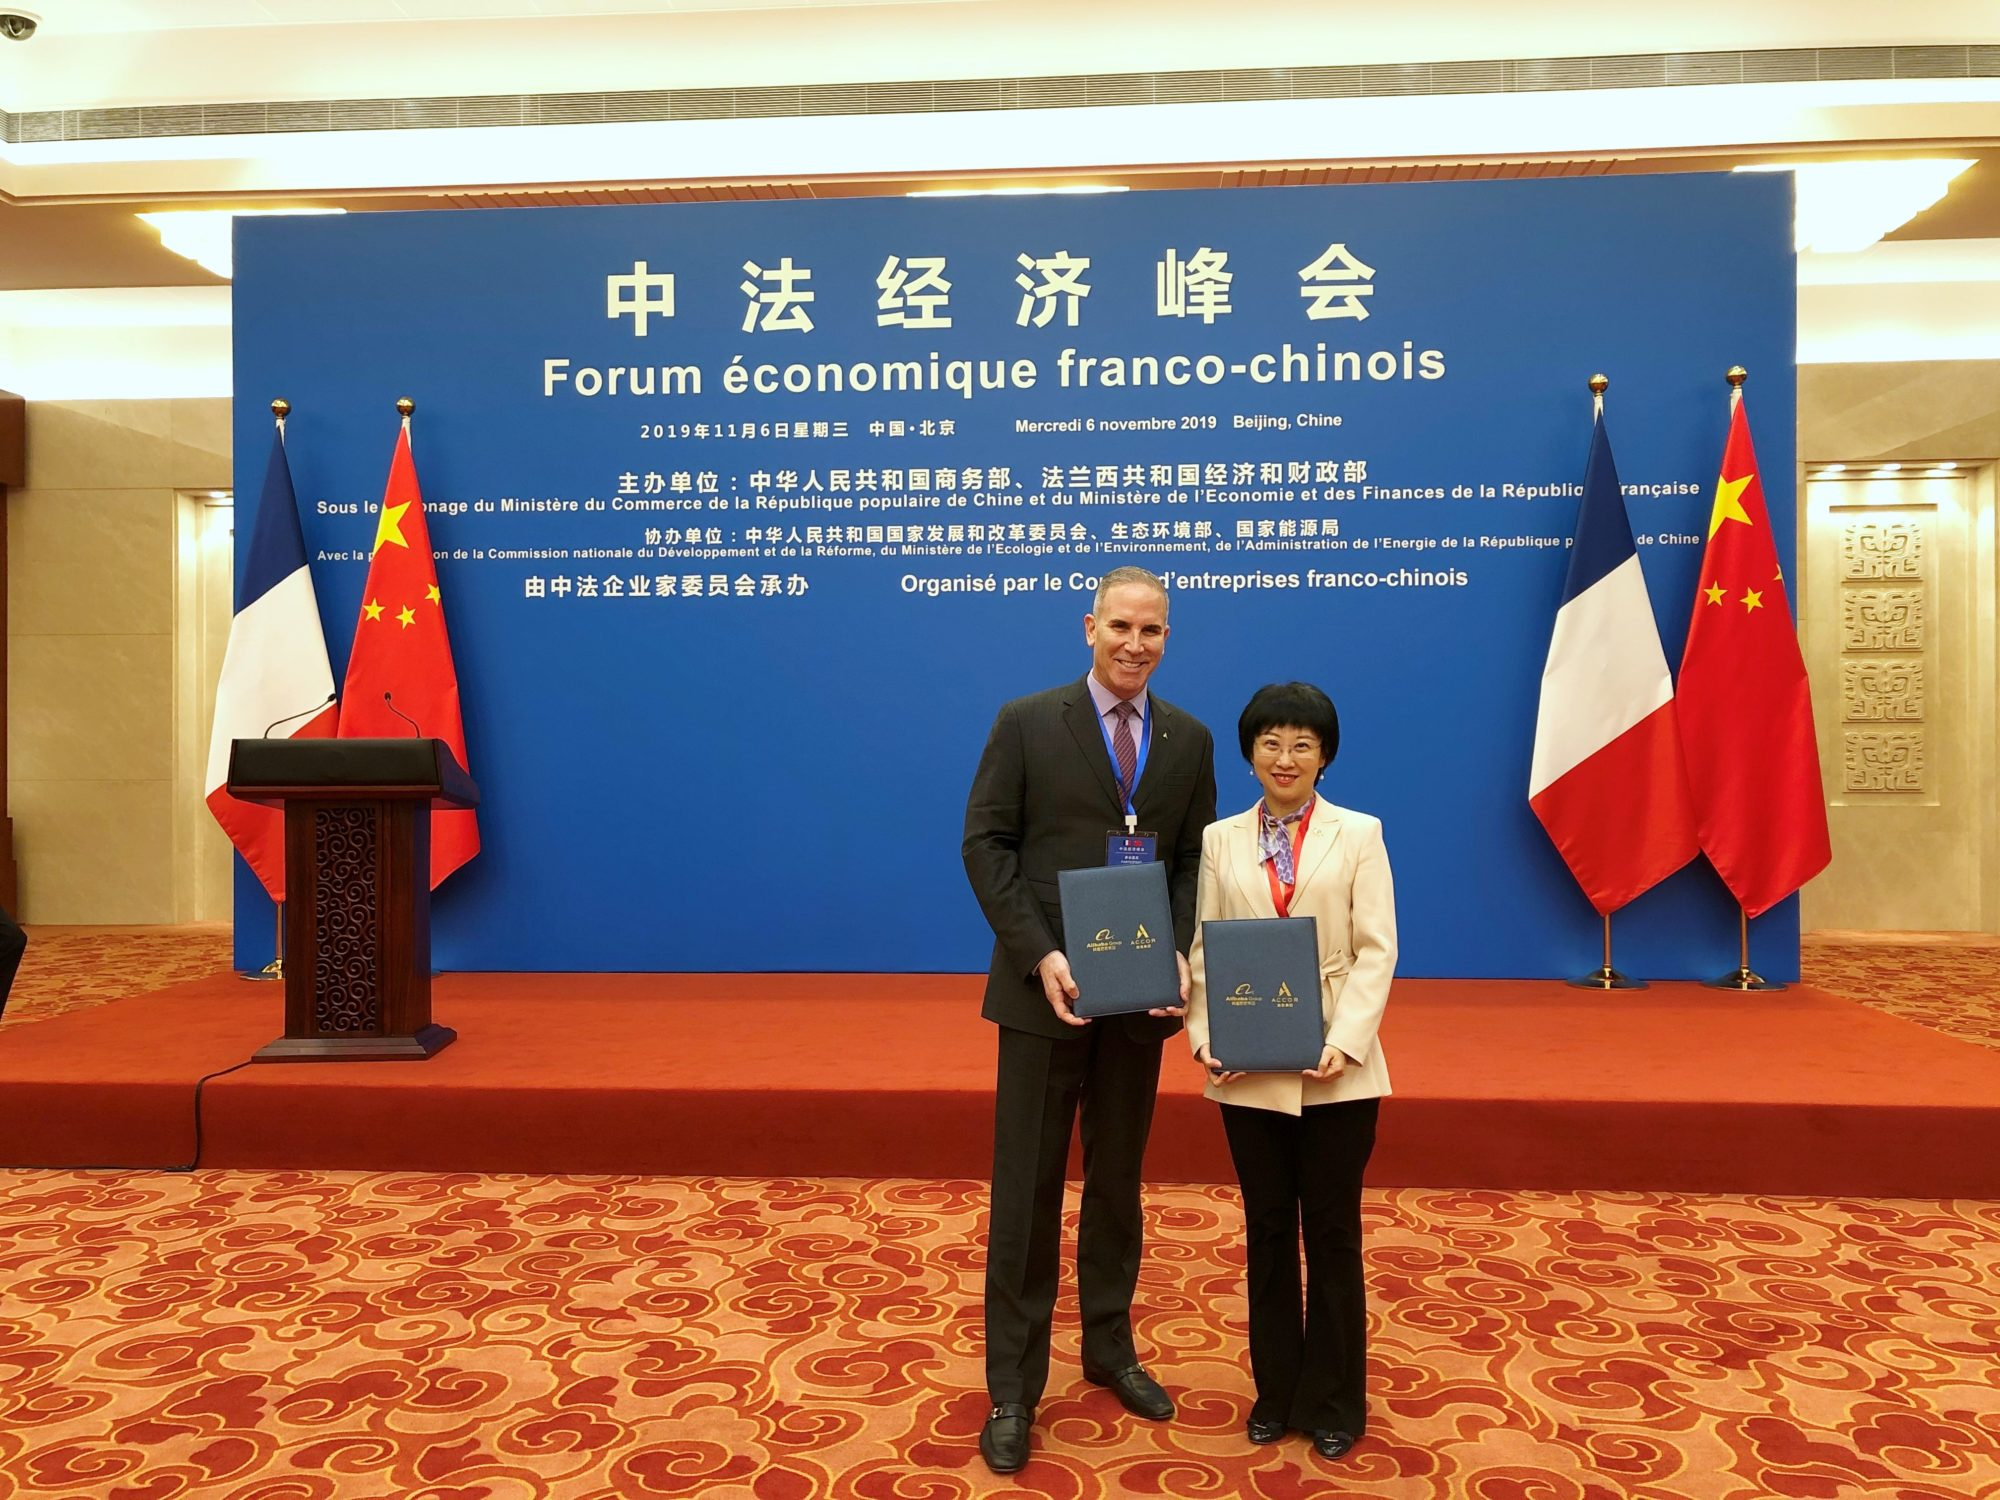 仏アコーホテルと中国アリババが戦略的提携、OTAフリギーで中国人旅行者の取込み強化、新会員プログラムでも連携